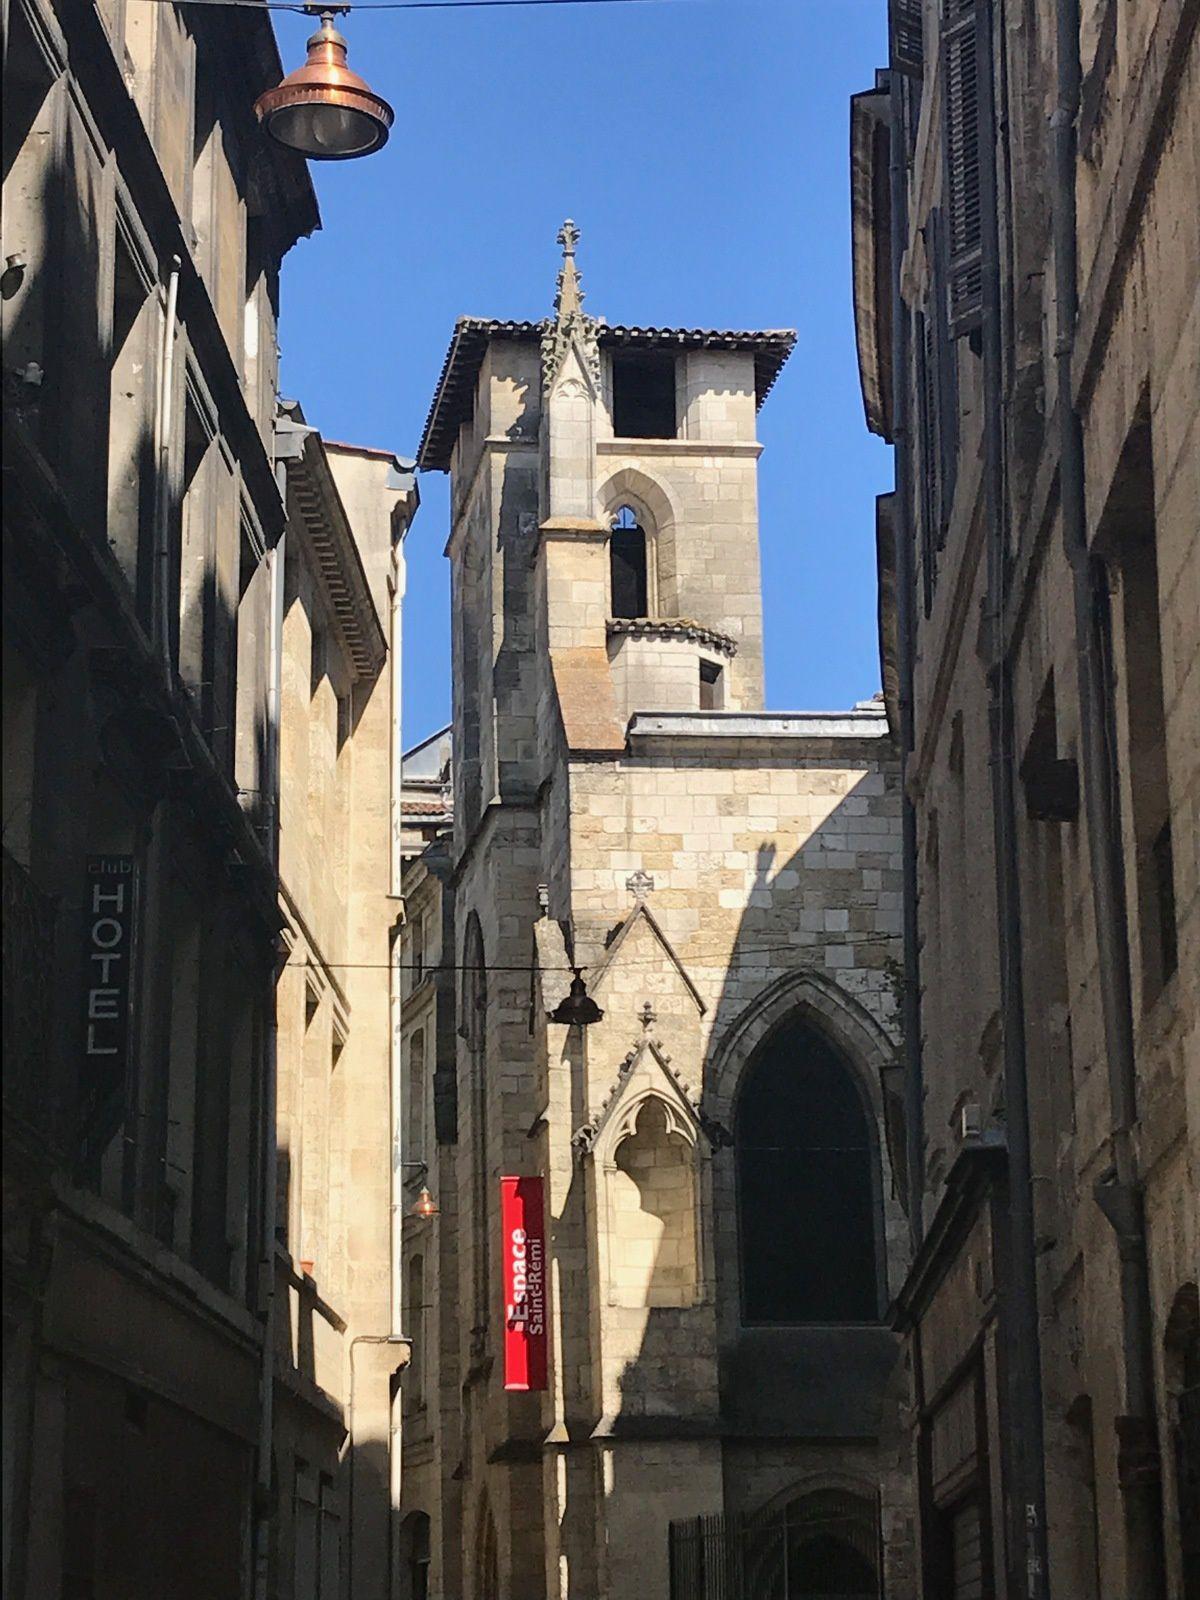 Vacances 2017, Bordeaux